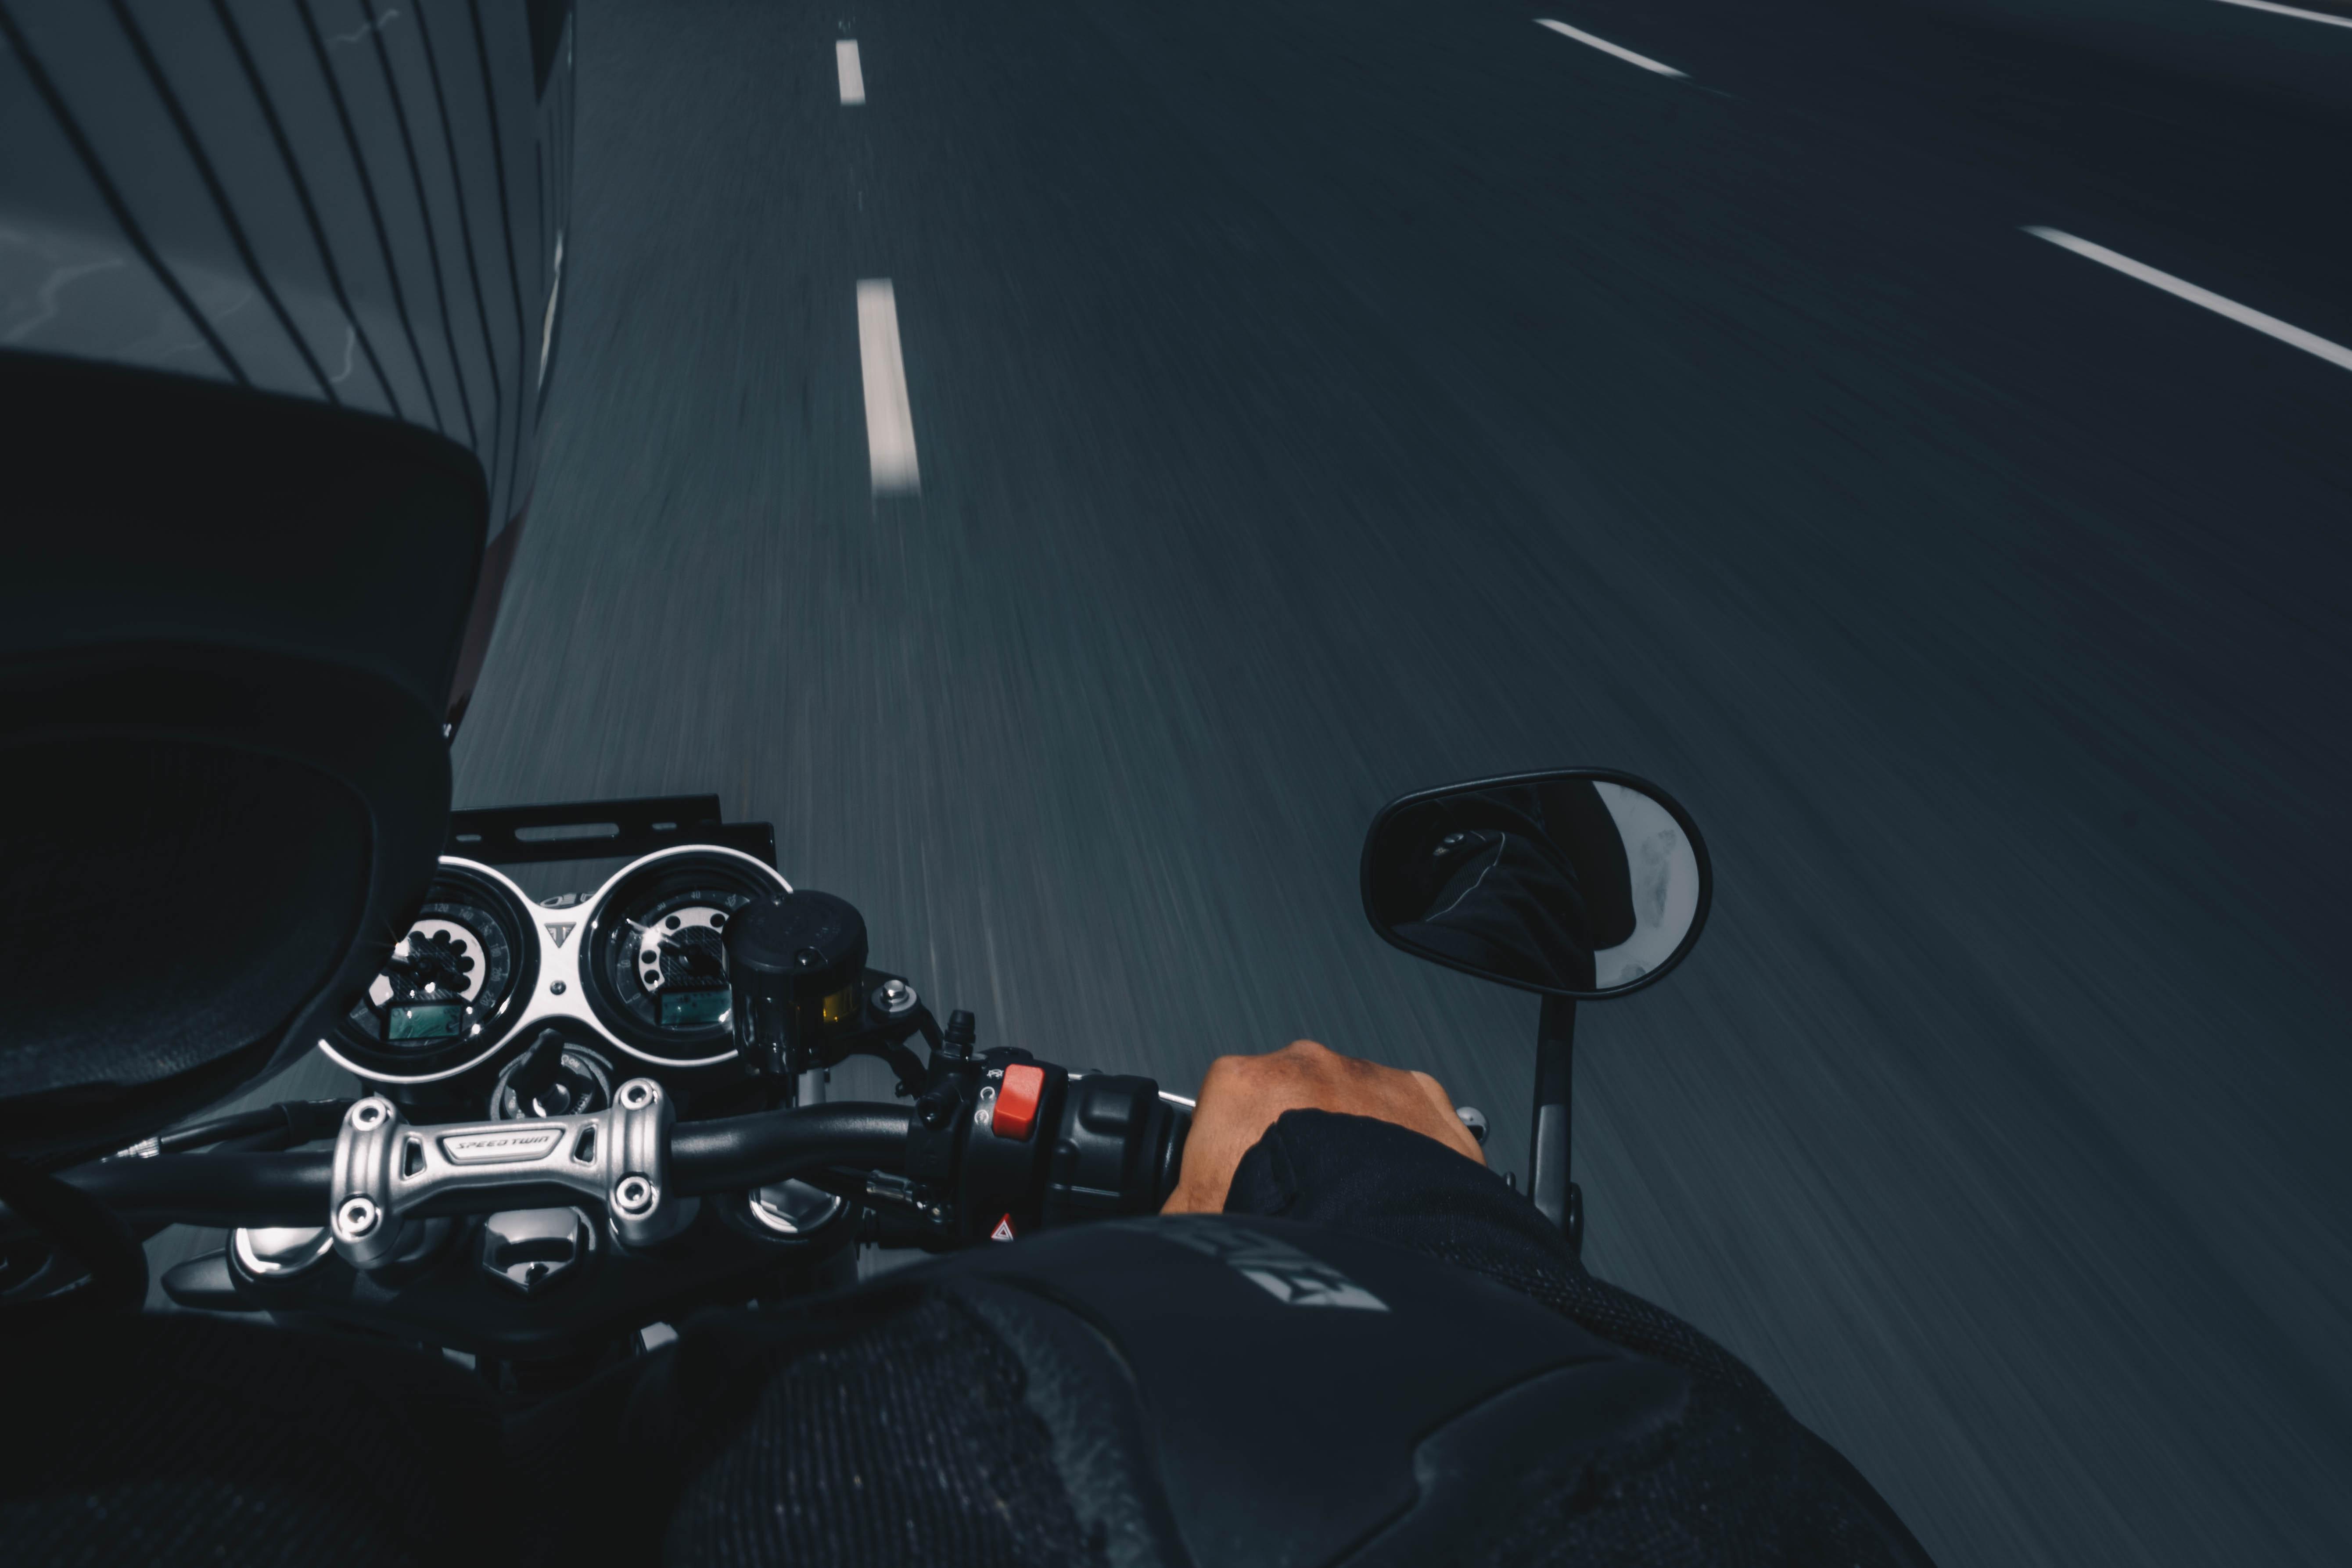 Dobrá moto prilba sa postará o bezpečný a prehľadný zážitok z jazdy